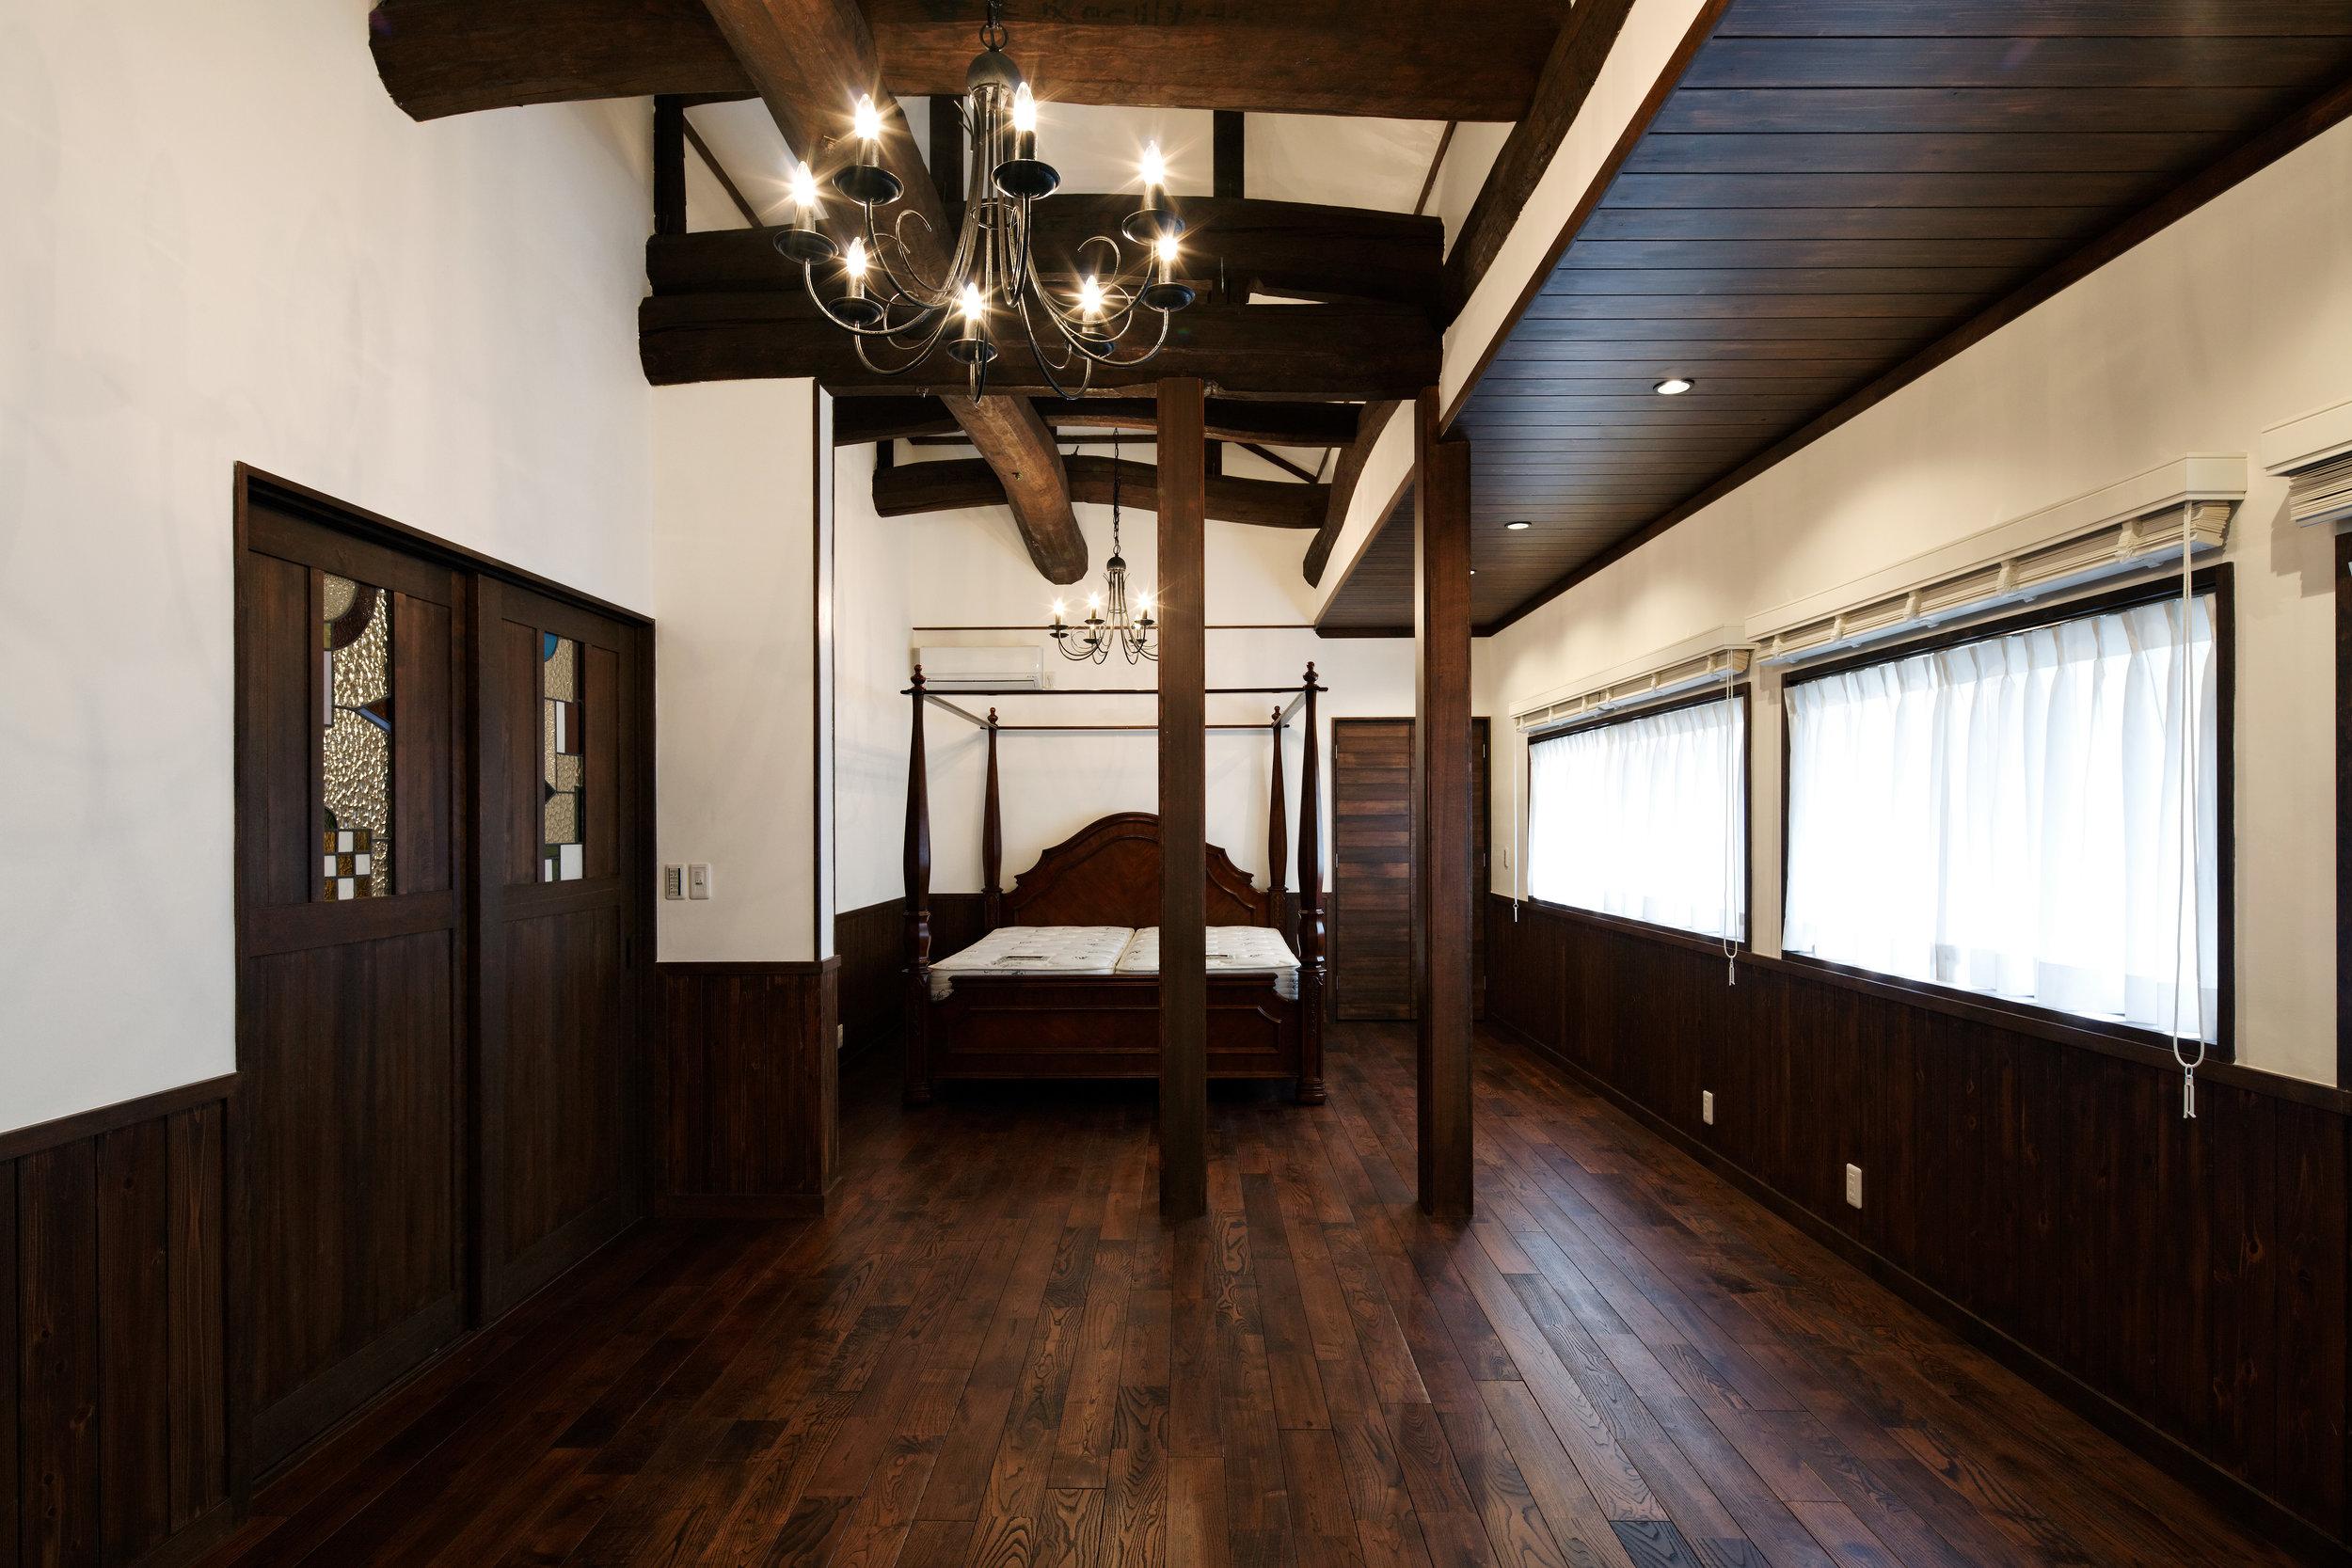 成正建装 愛知県 犬山市 新築 リフォーム 古民家再生 家づくり22.jpg